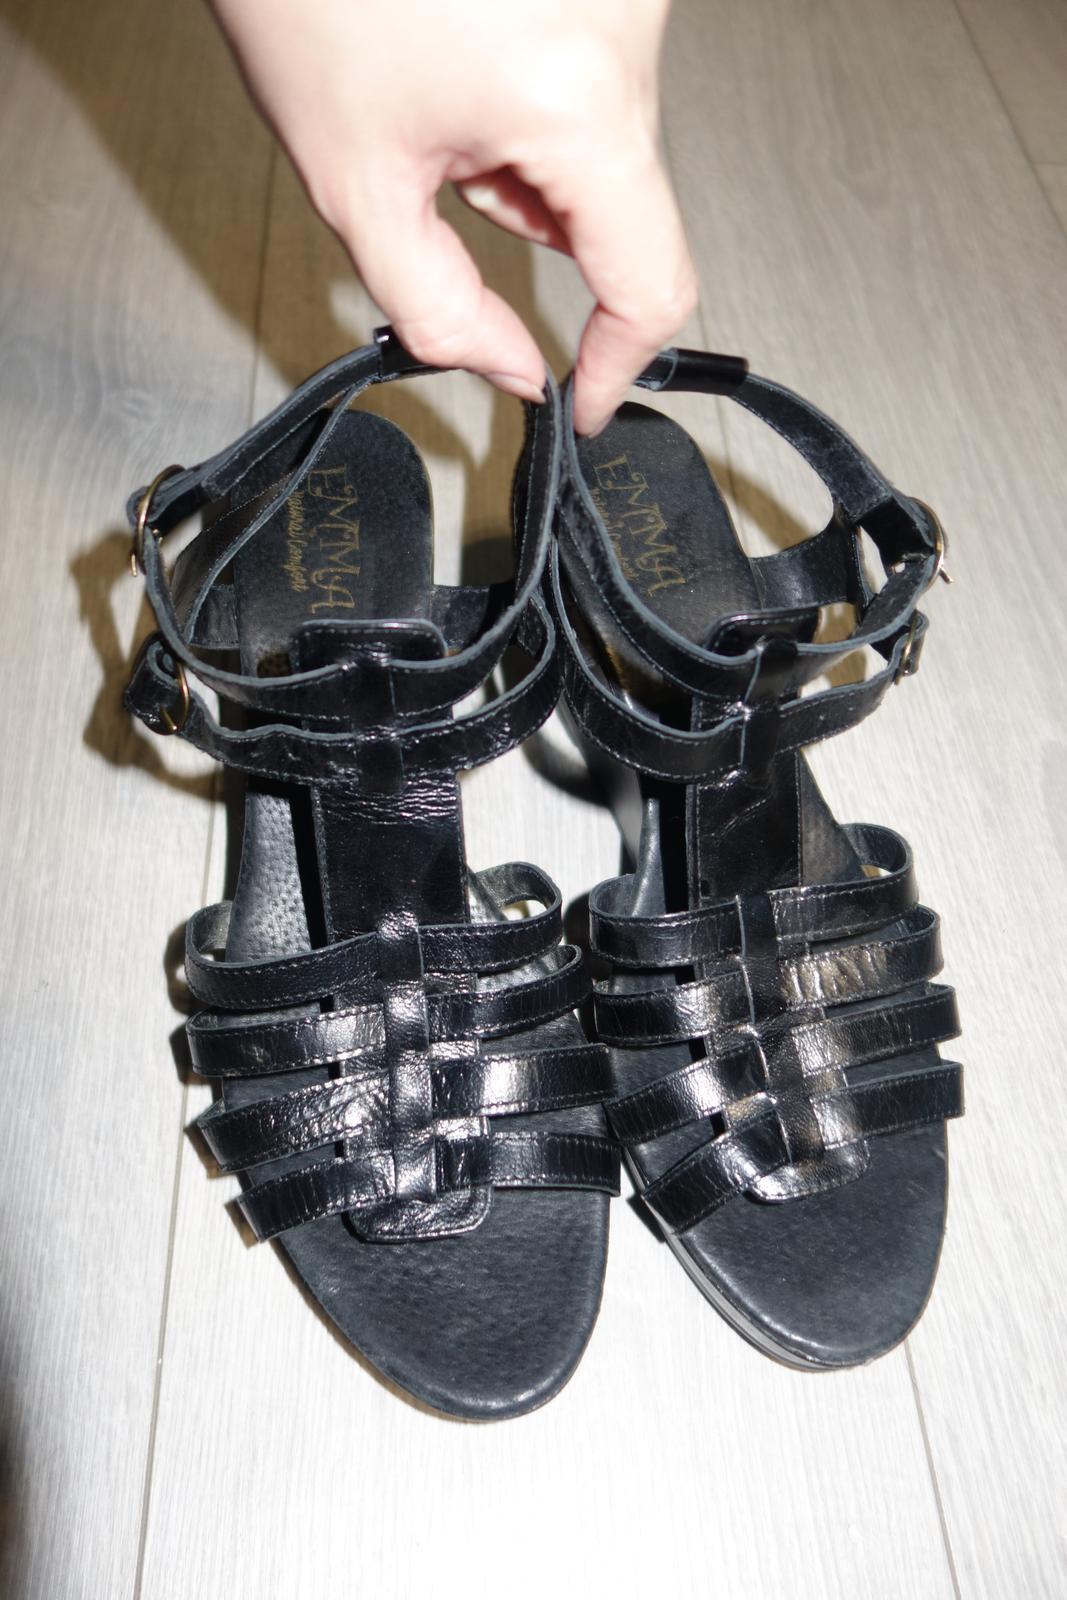 Čierne kožené sandále značky Emma  - Obrázok č. 4